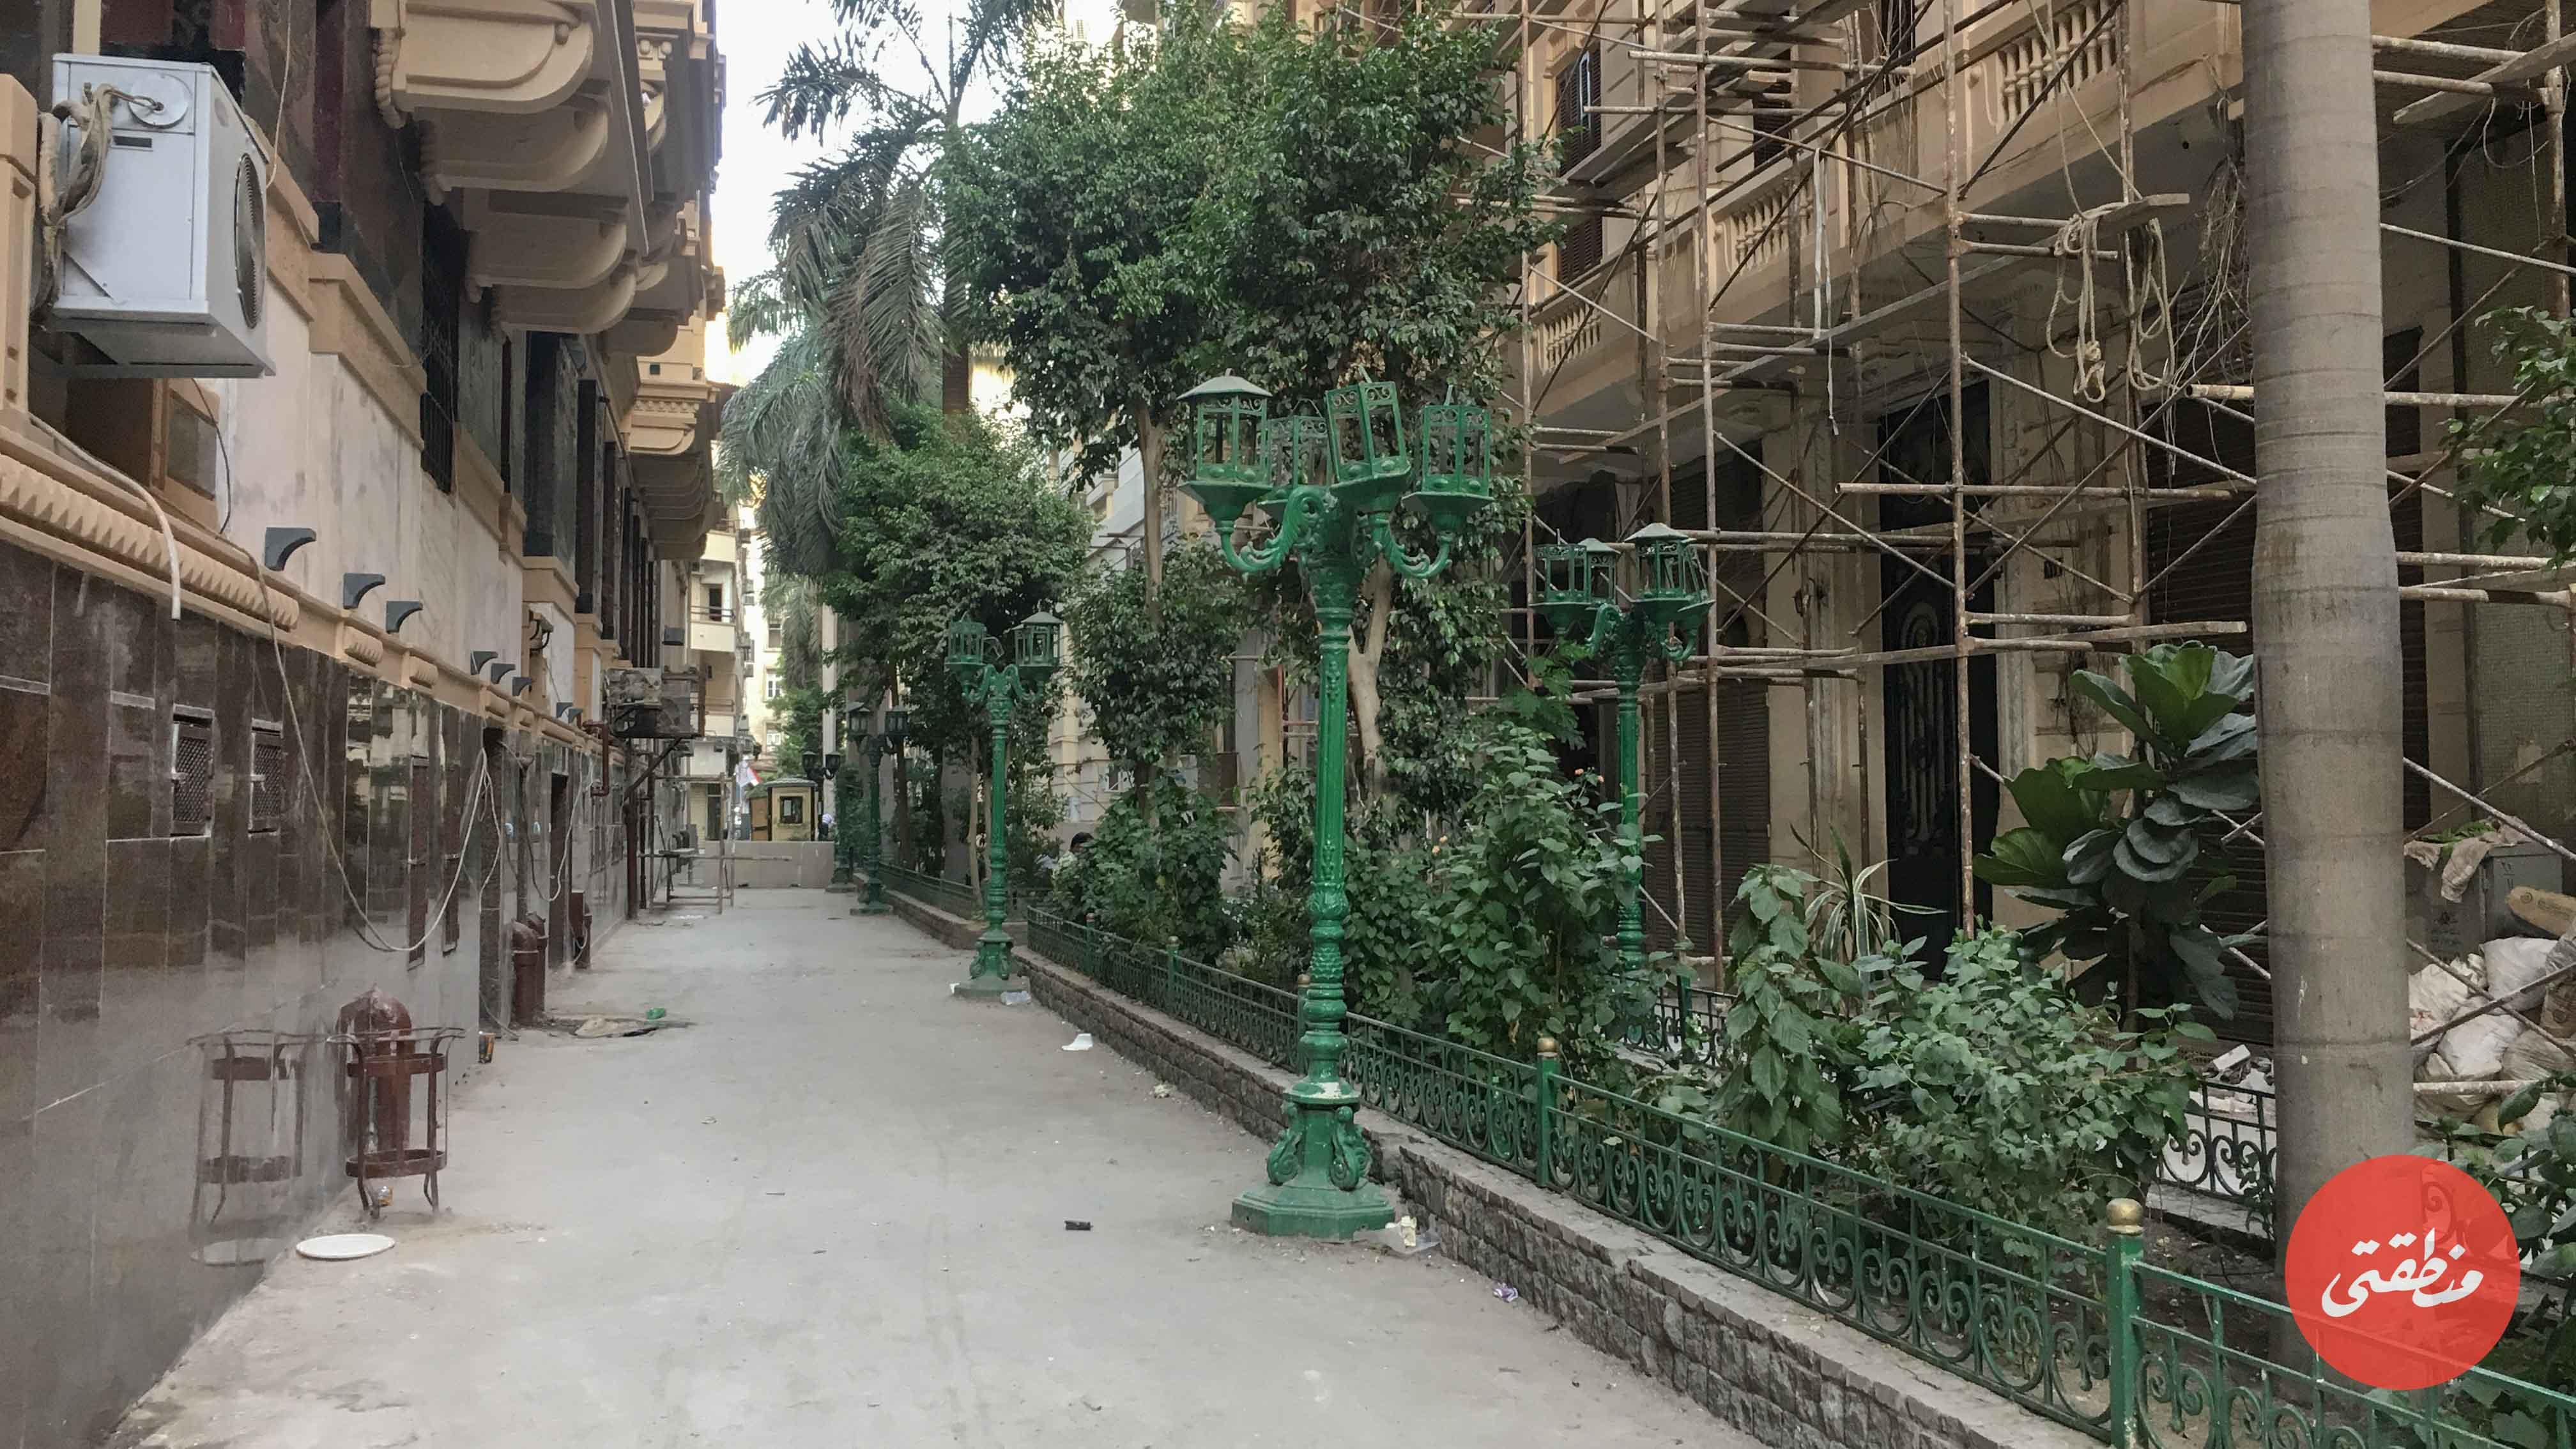 لايزال محيط فندق كوزموبوليتان في منطقة البورصة ينتظر التمويل لإعادة تطويره